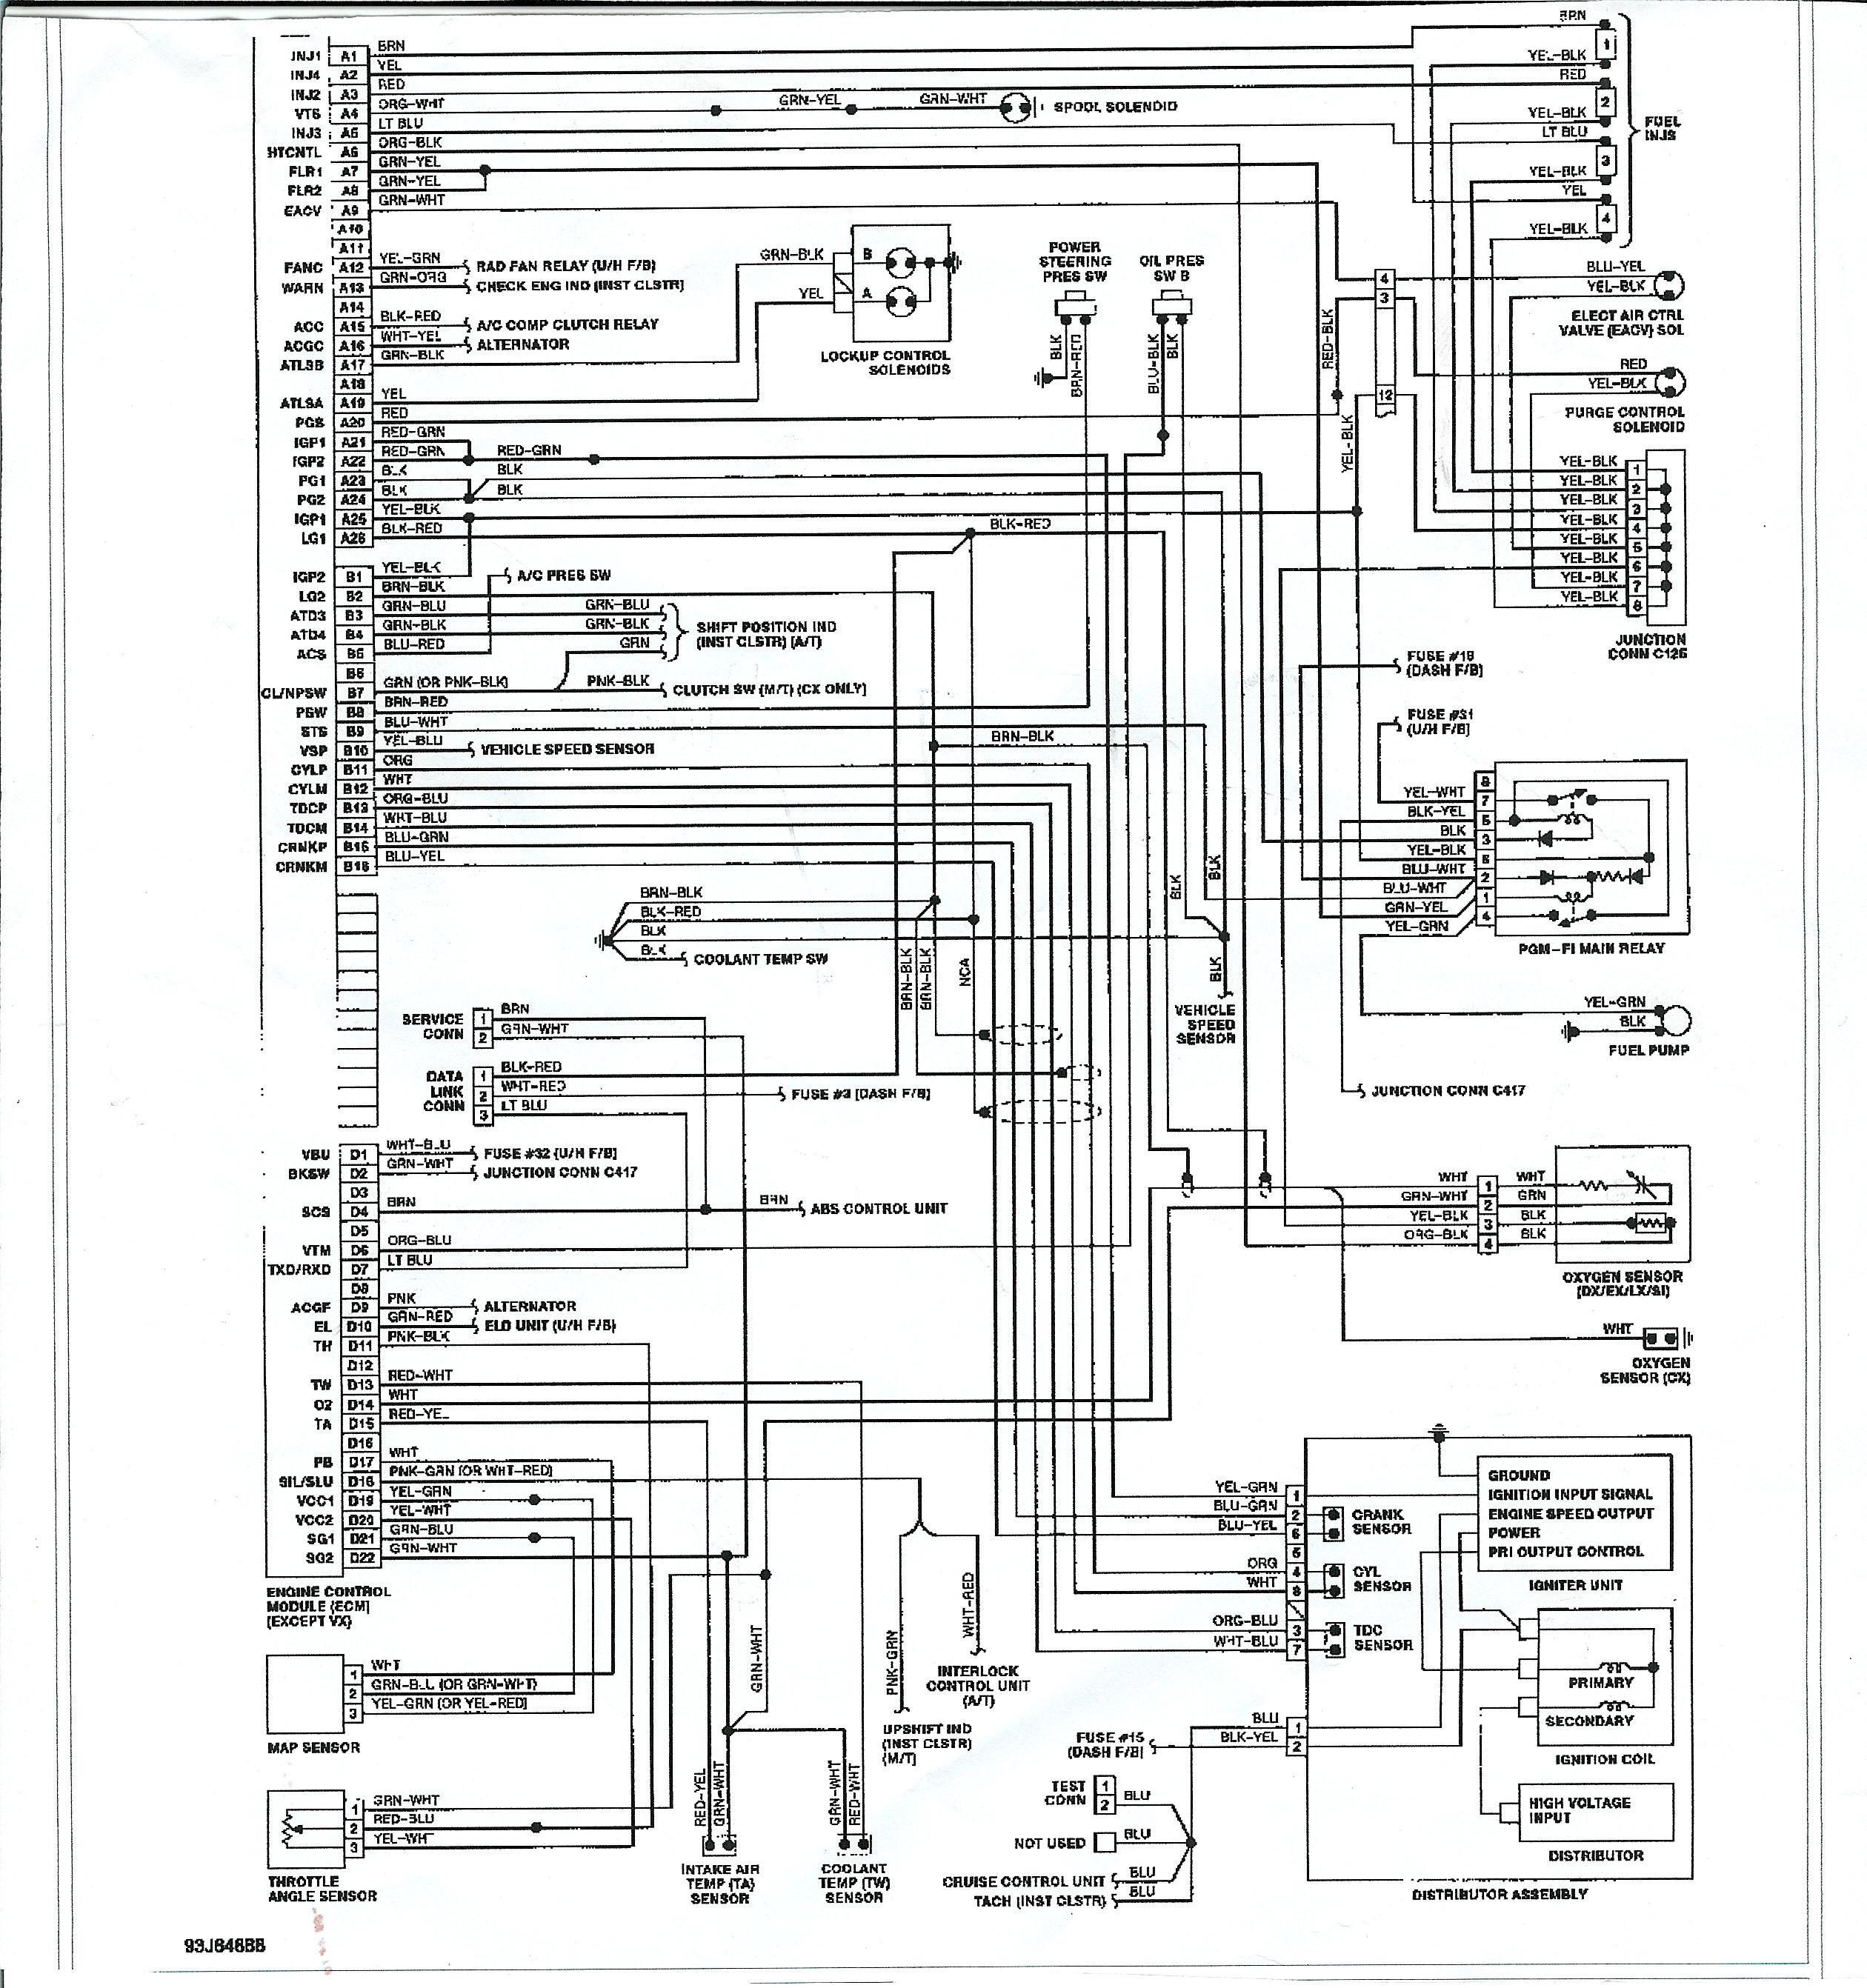 2007 honda civic radio wiring